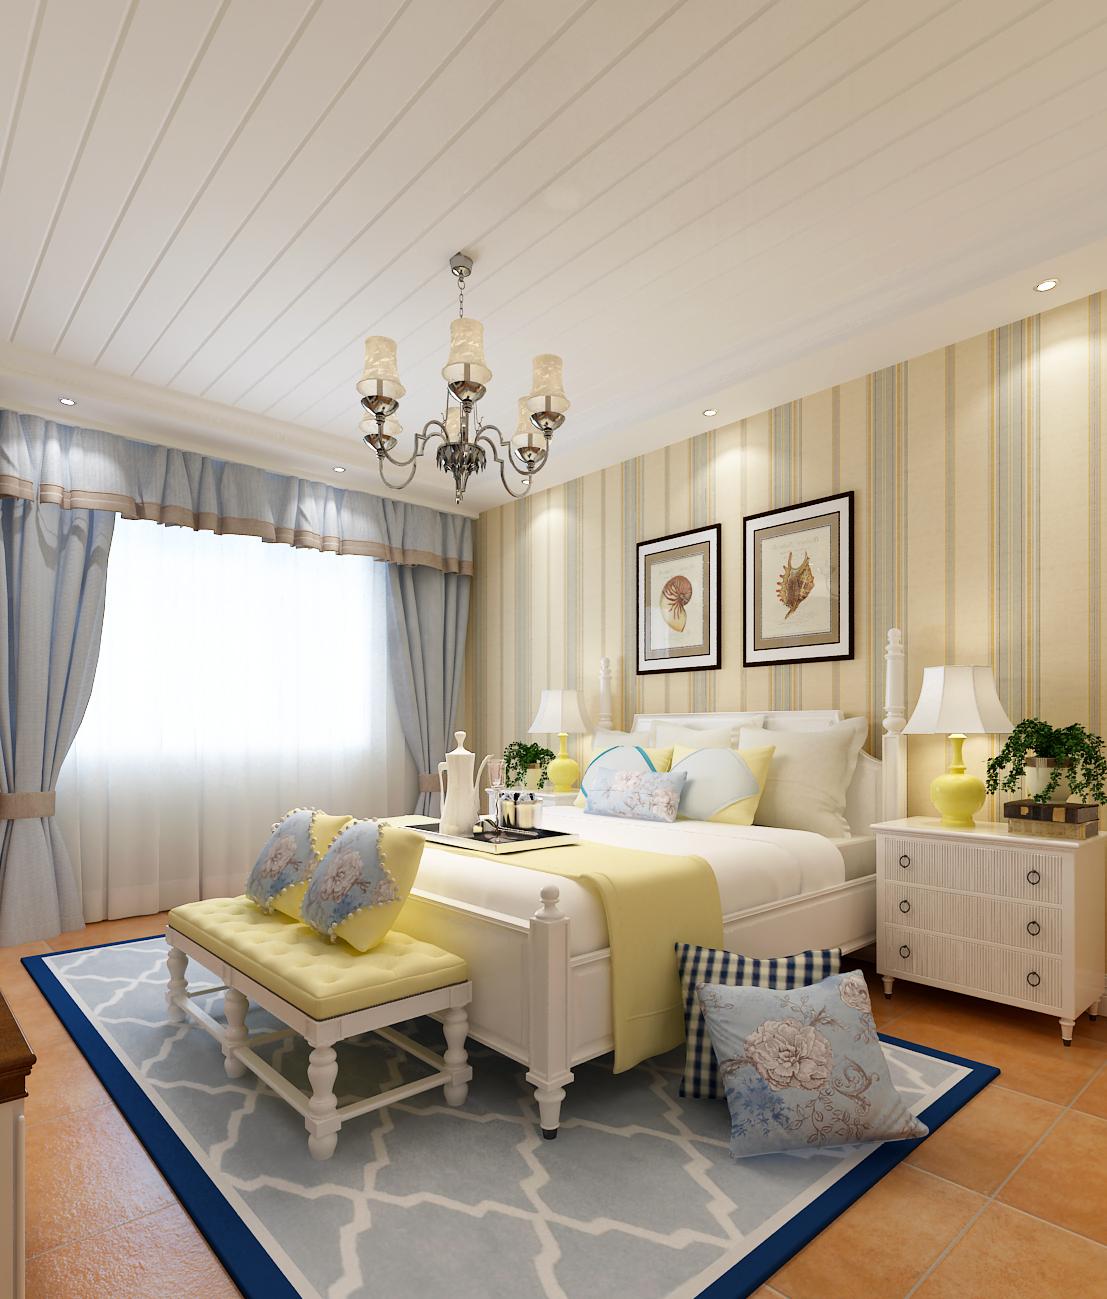 150㎡地中海风格家卧室效果图